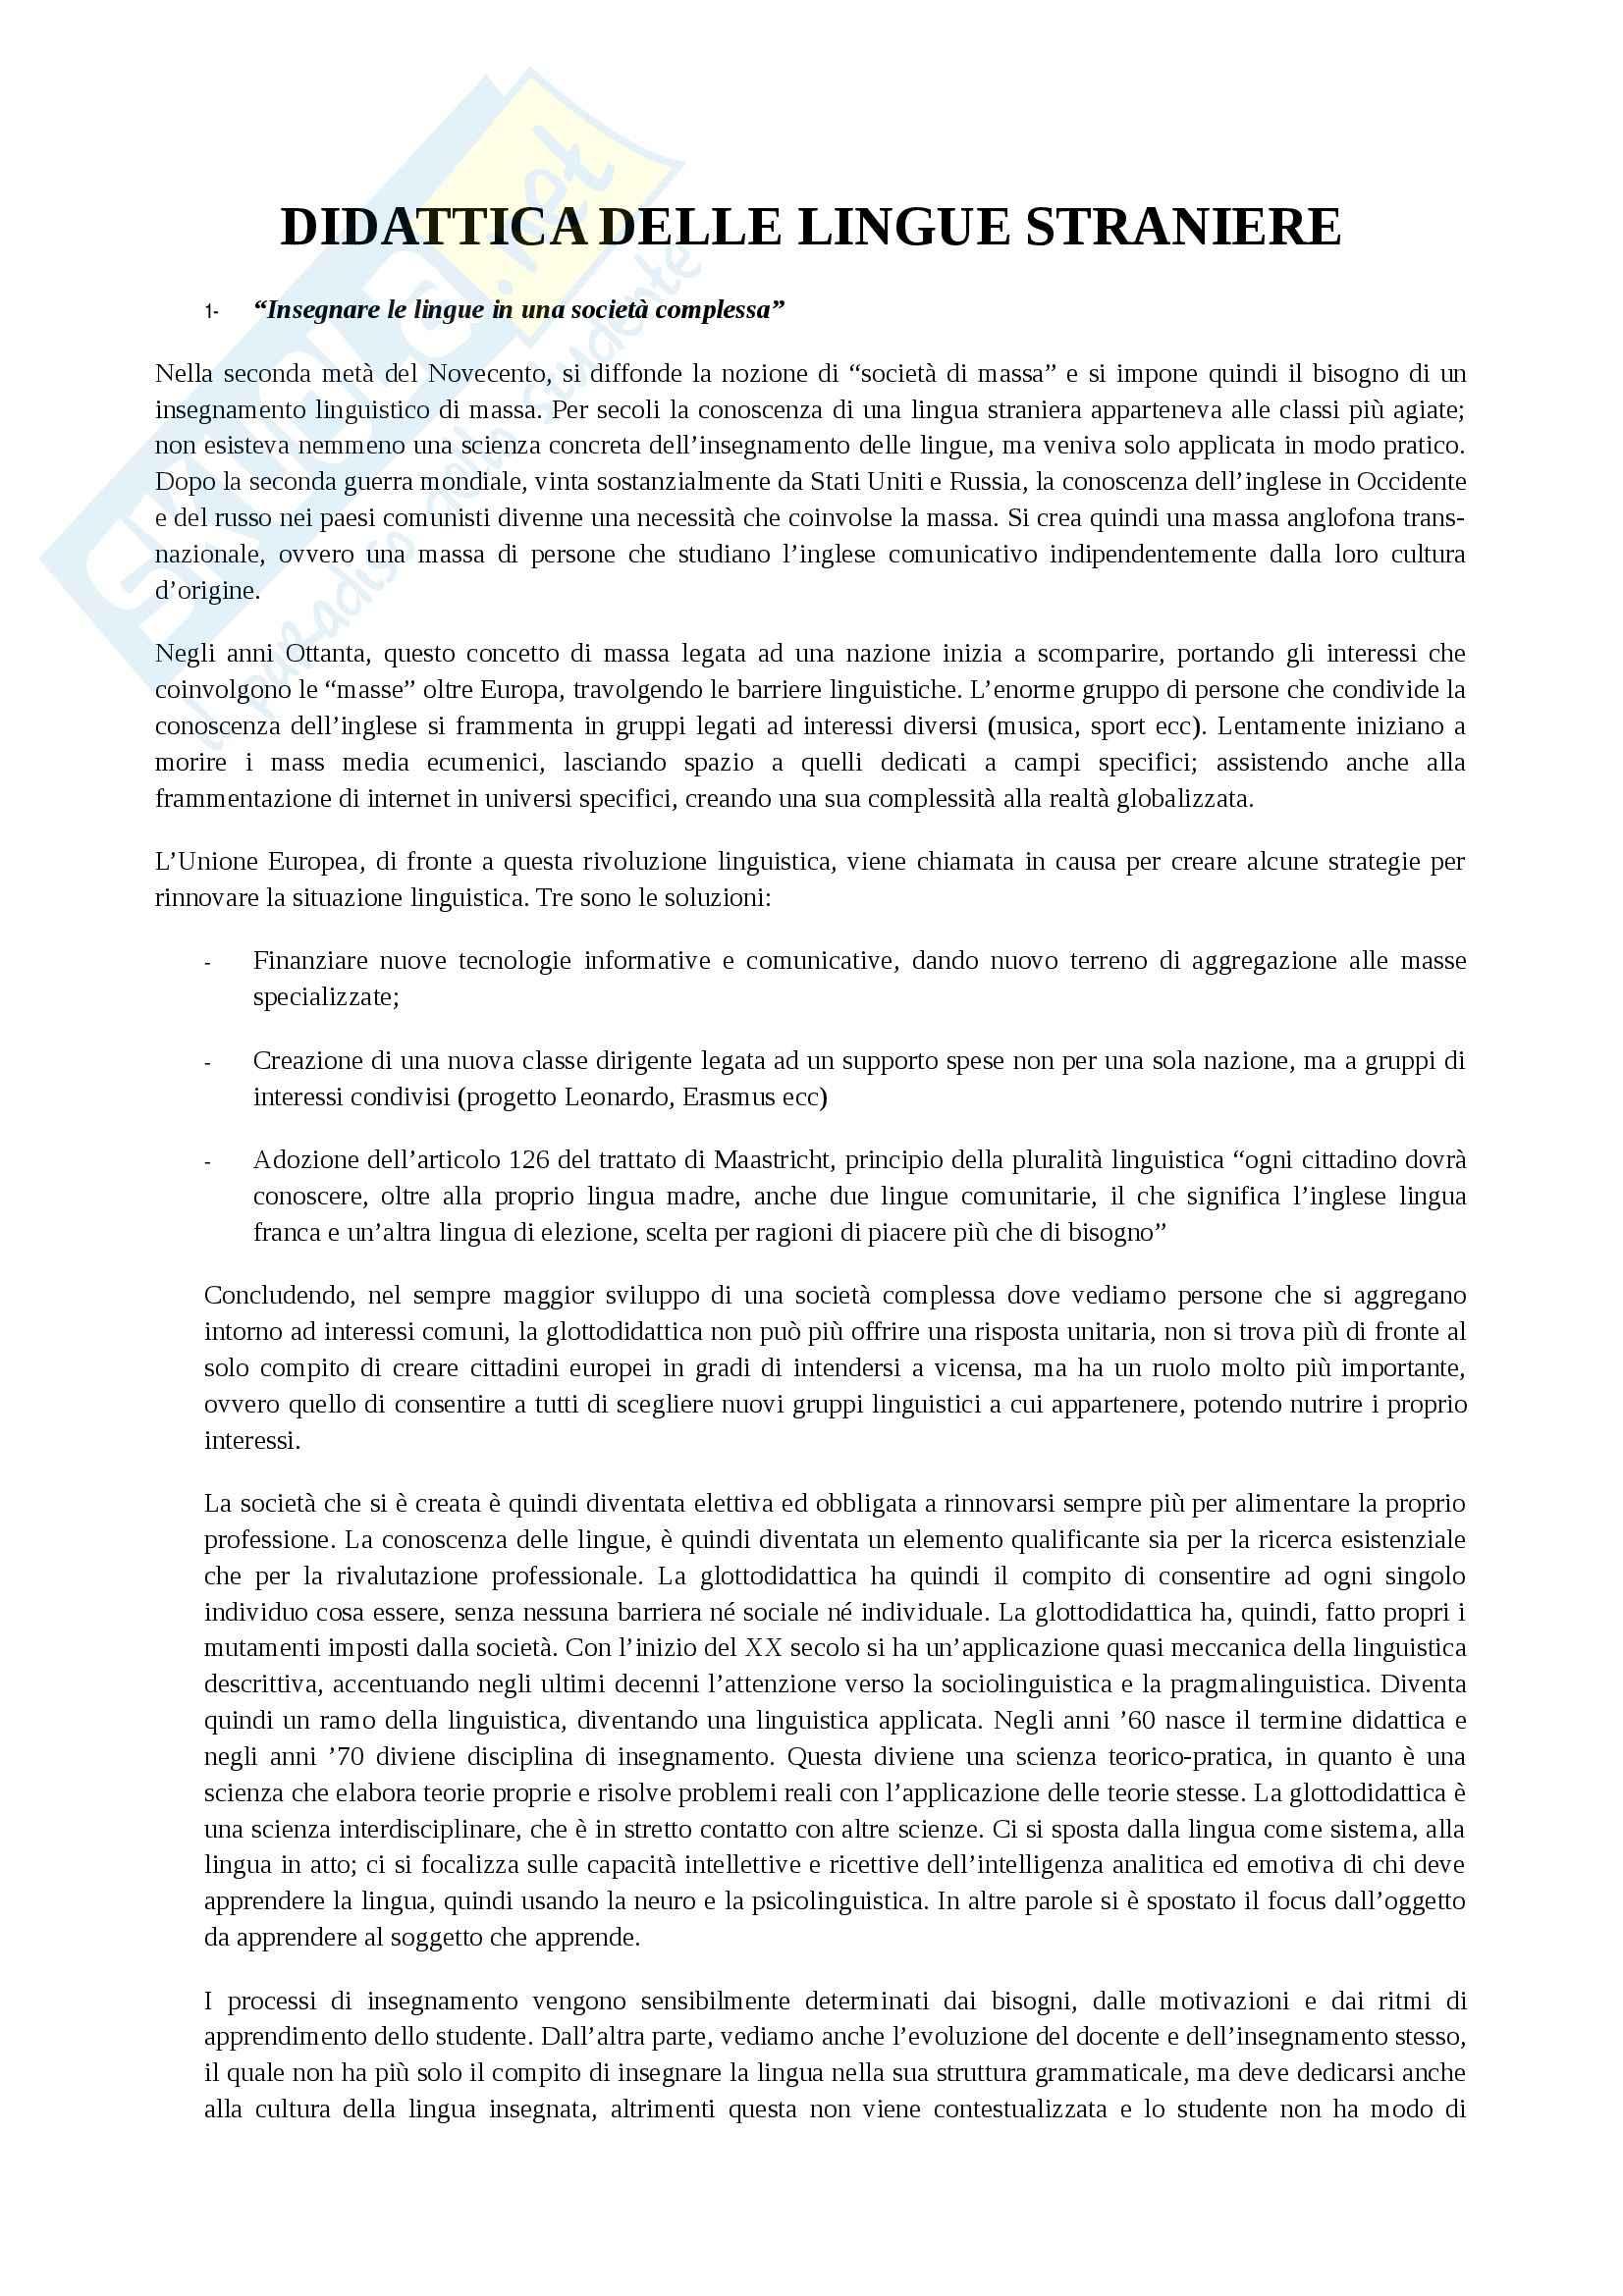 Glottodidattica - Didattica delle lingue straniere